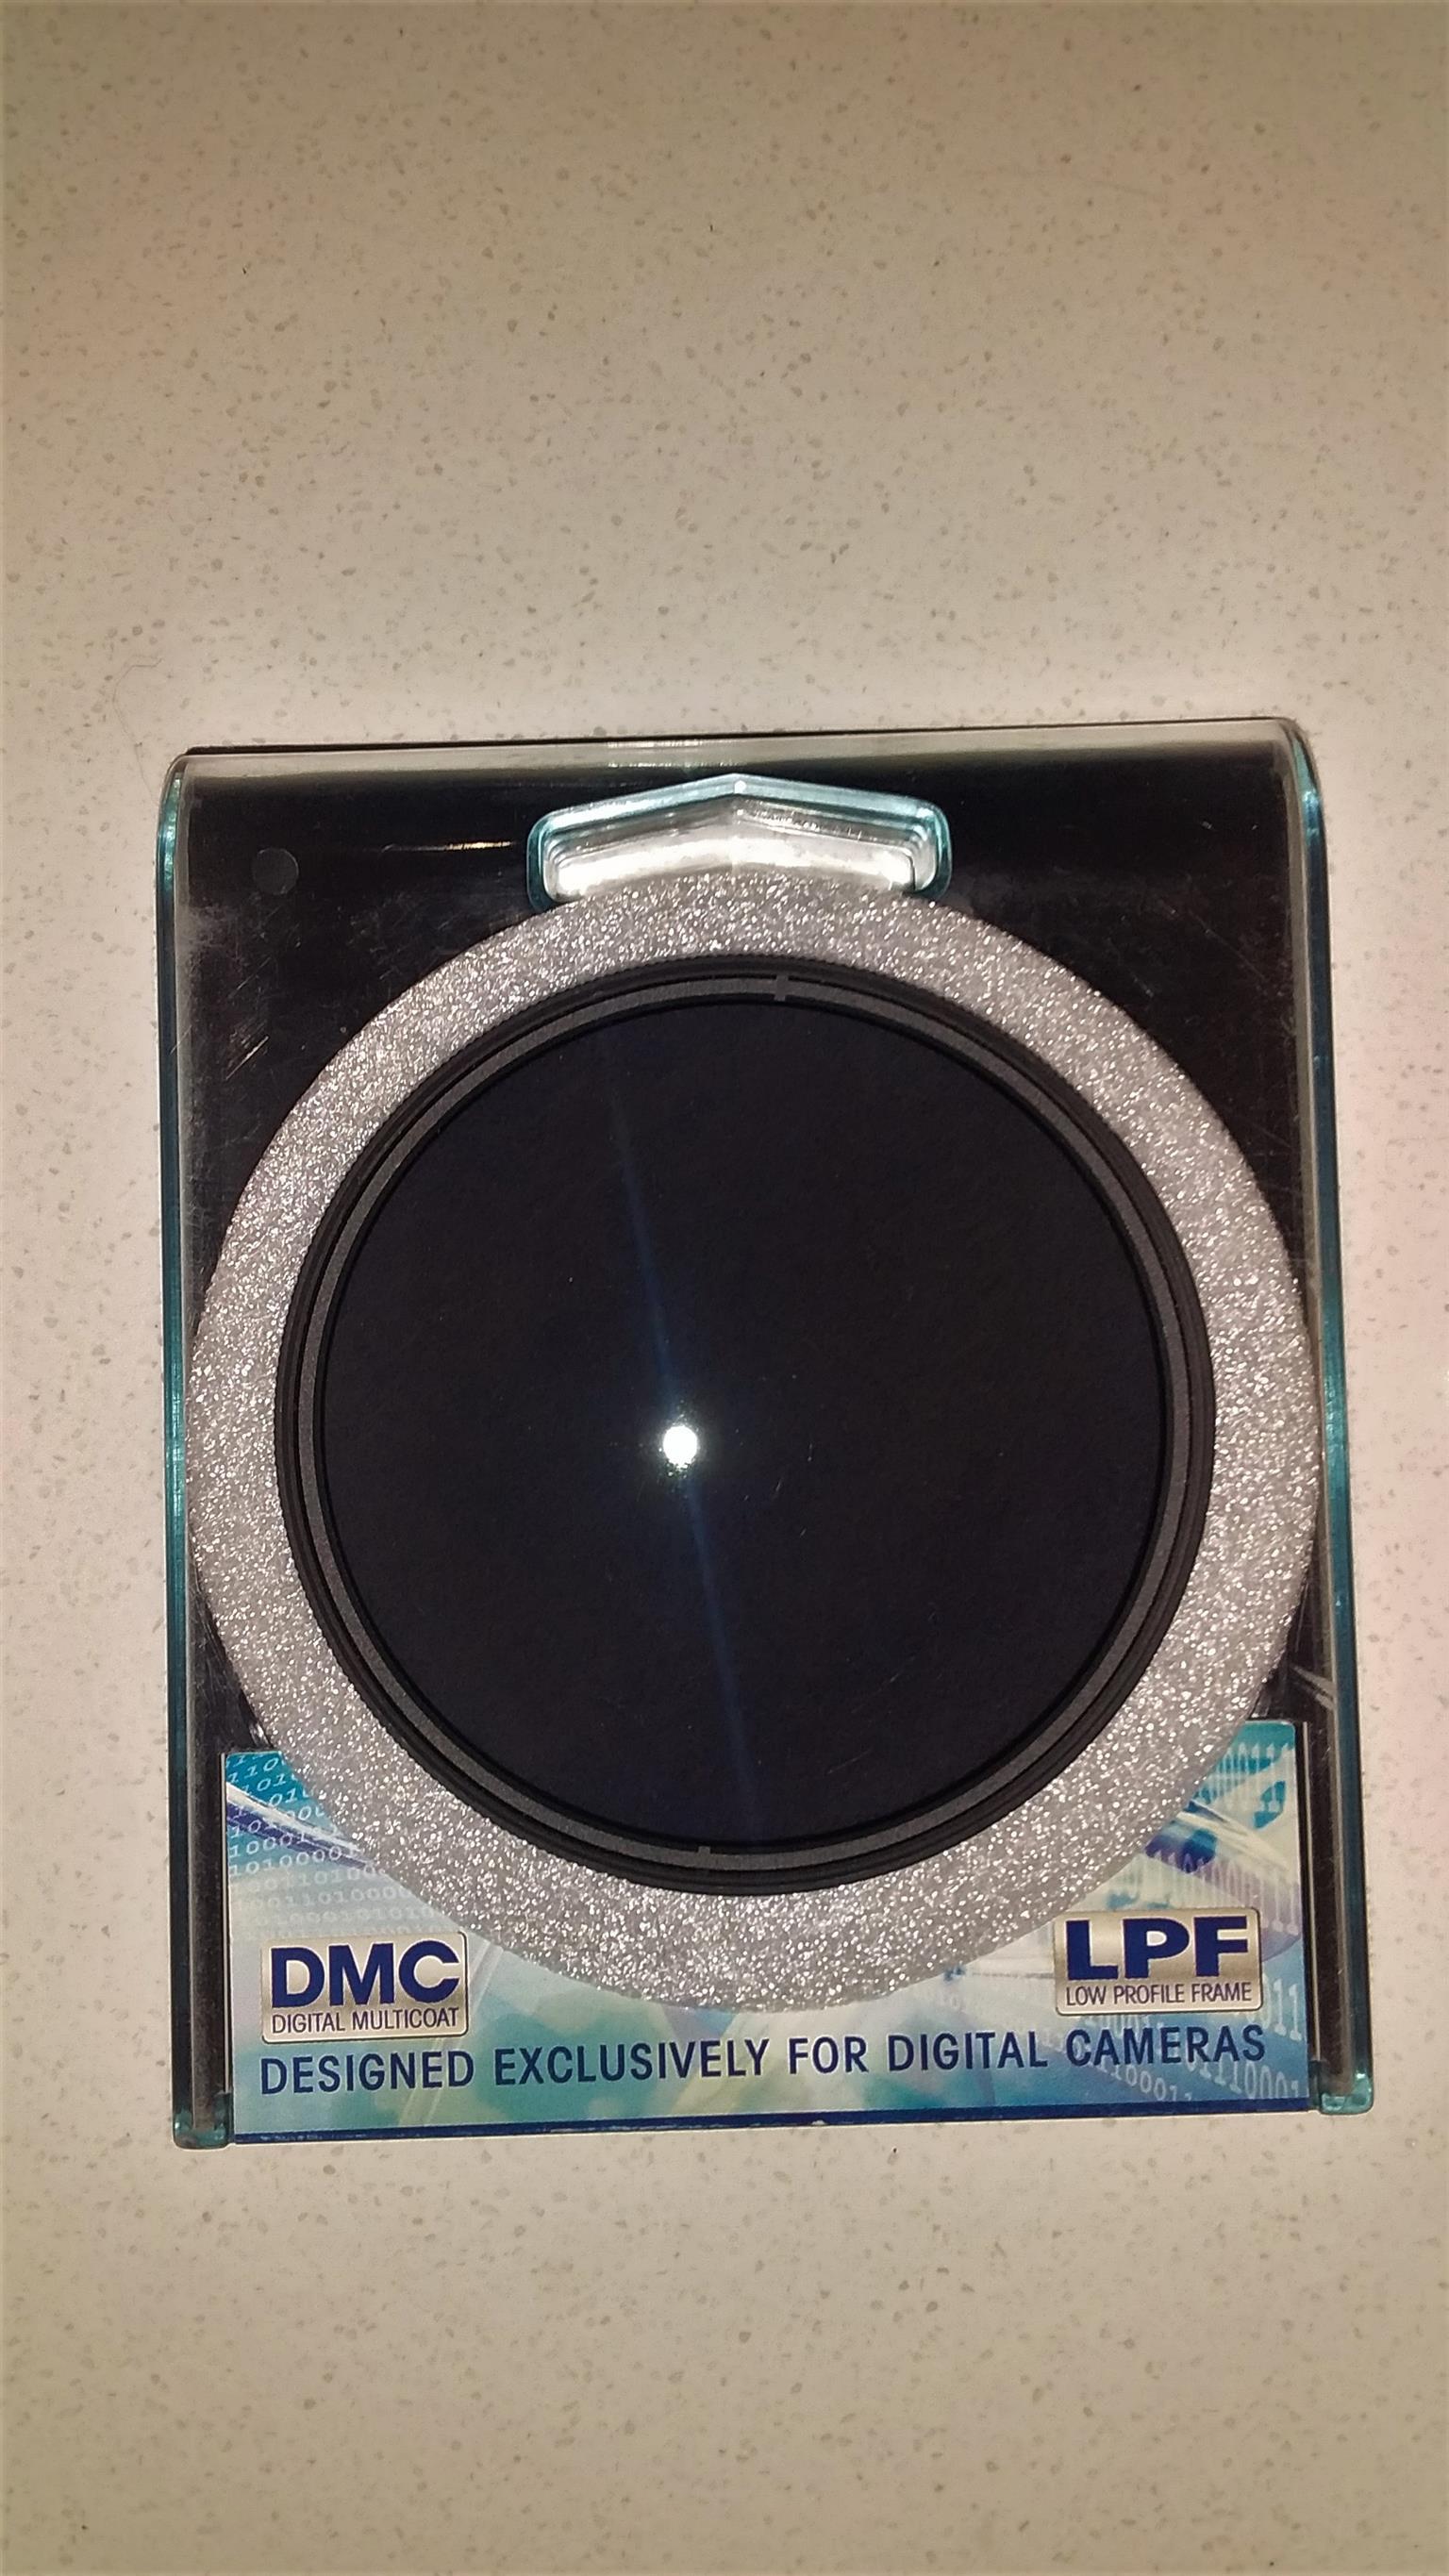 Nikon D7200 camera and Nikon + Tamron lens package